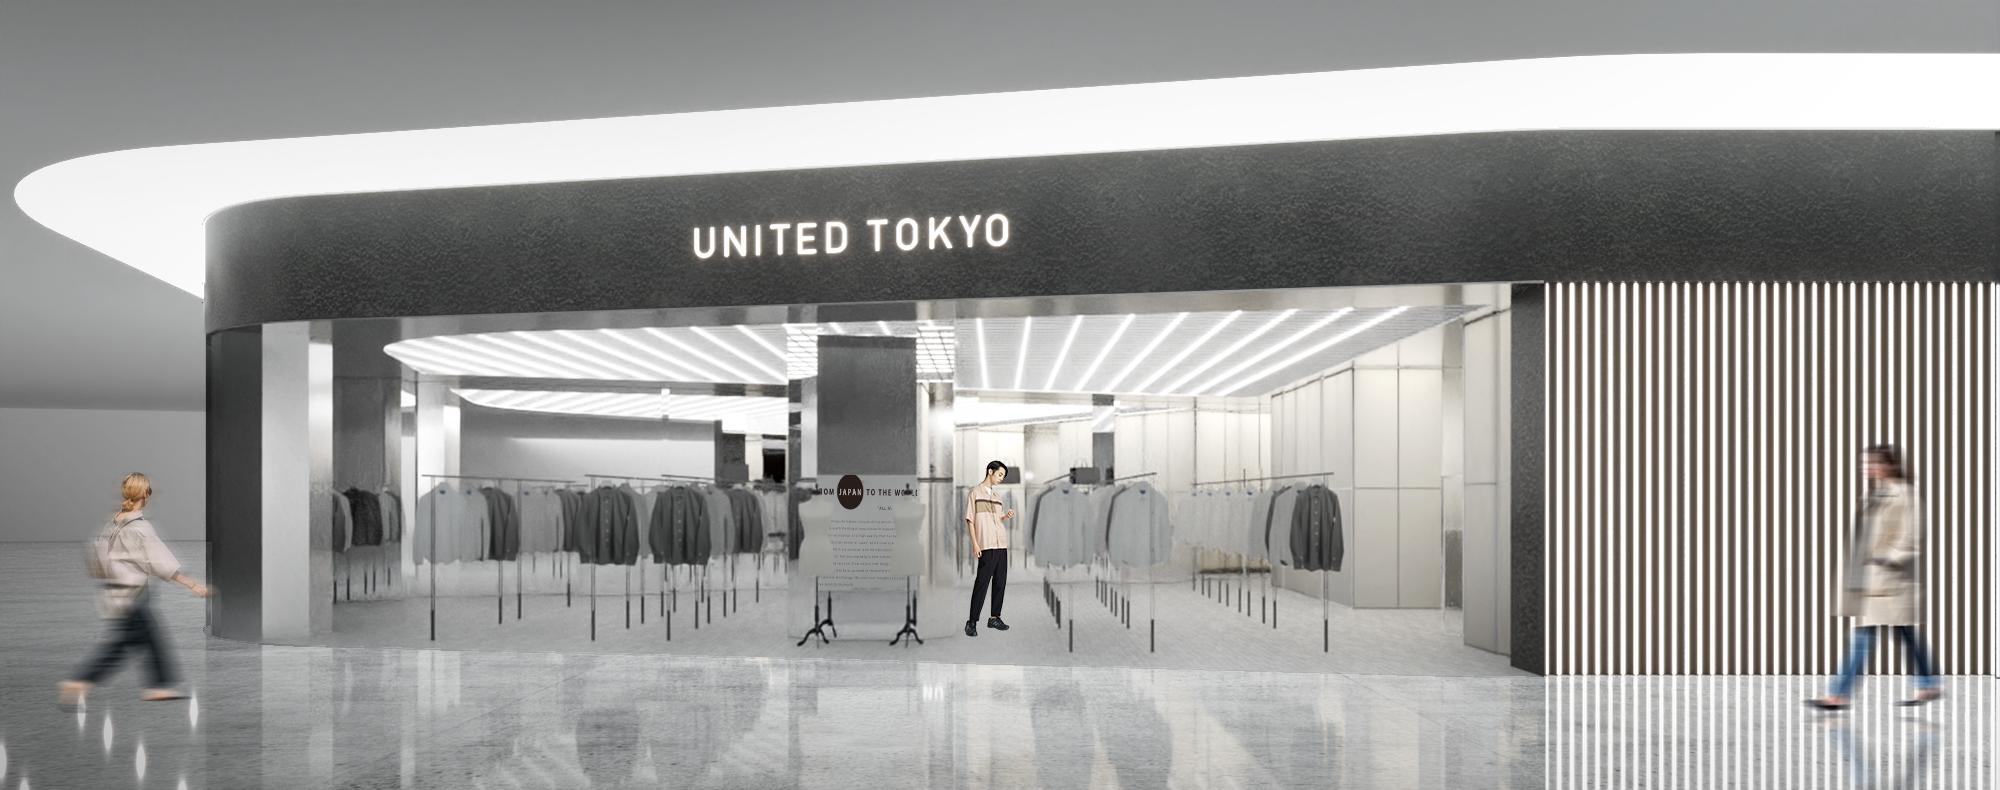 UNITED TOKYOがラッフルズ・シティ北京にOPEN。